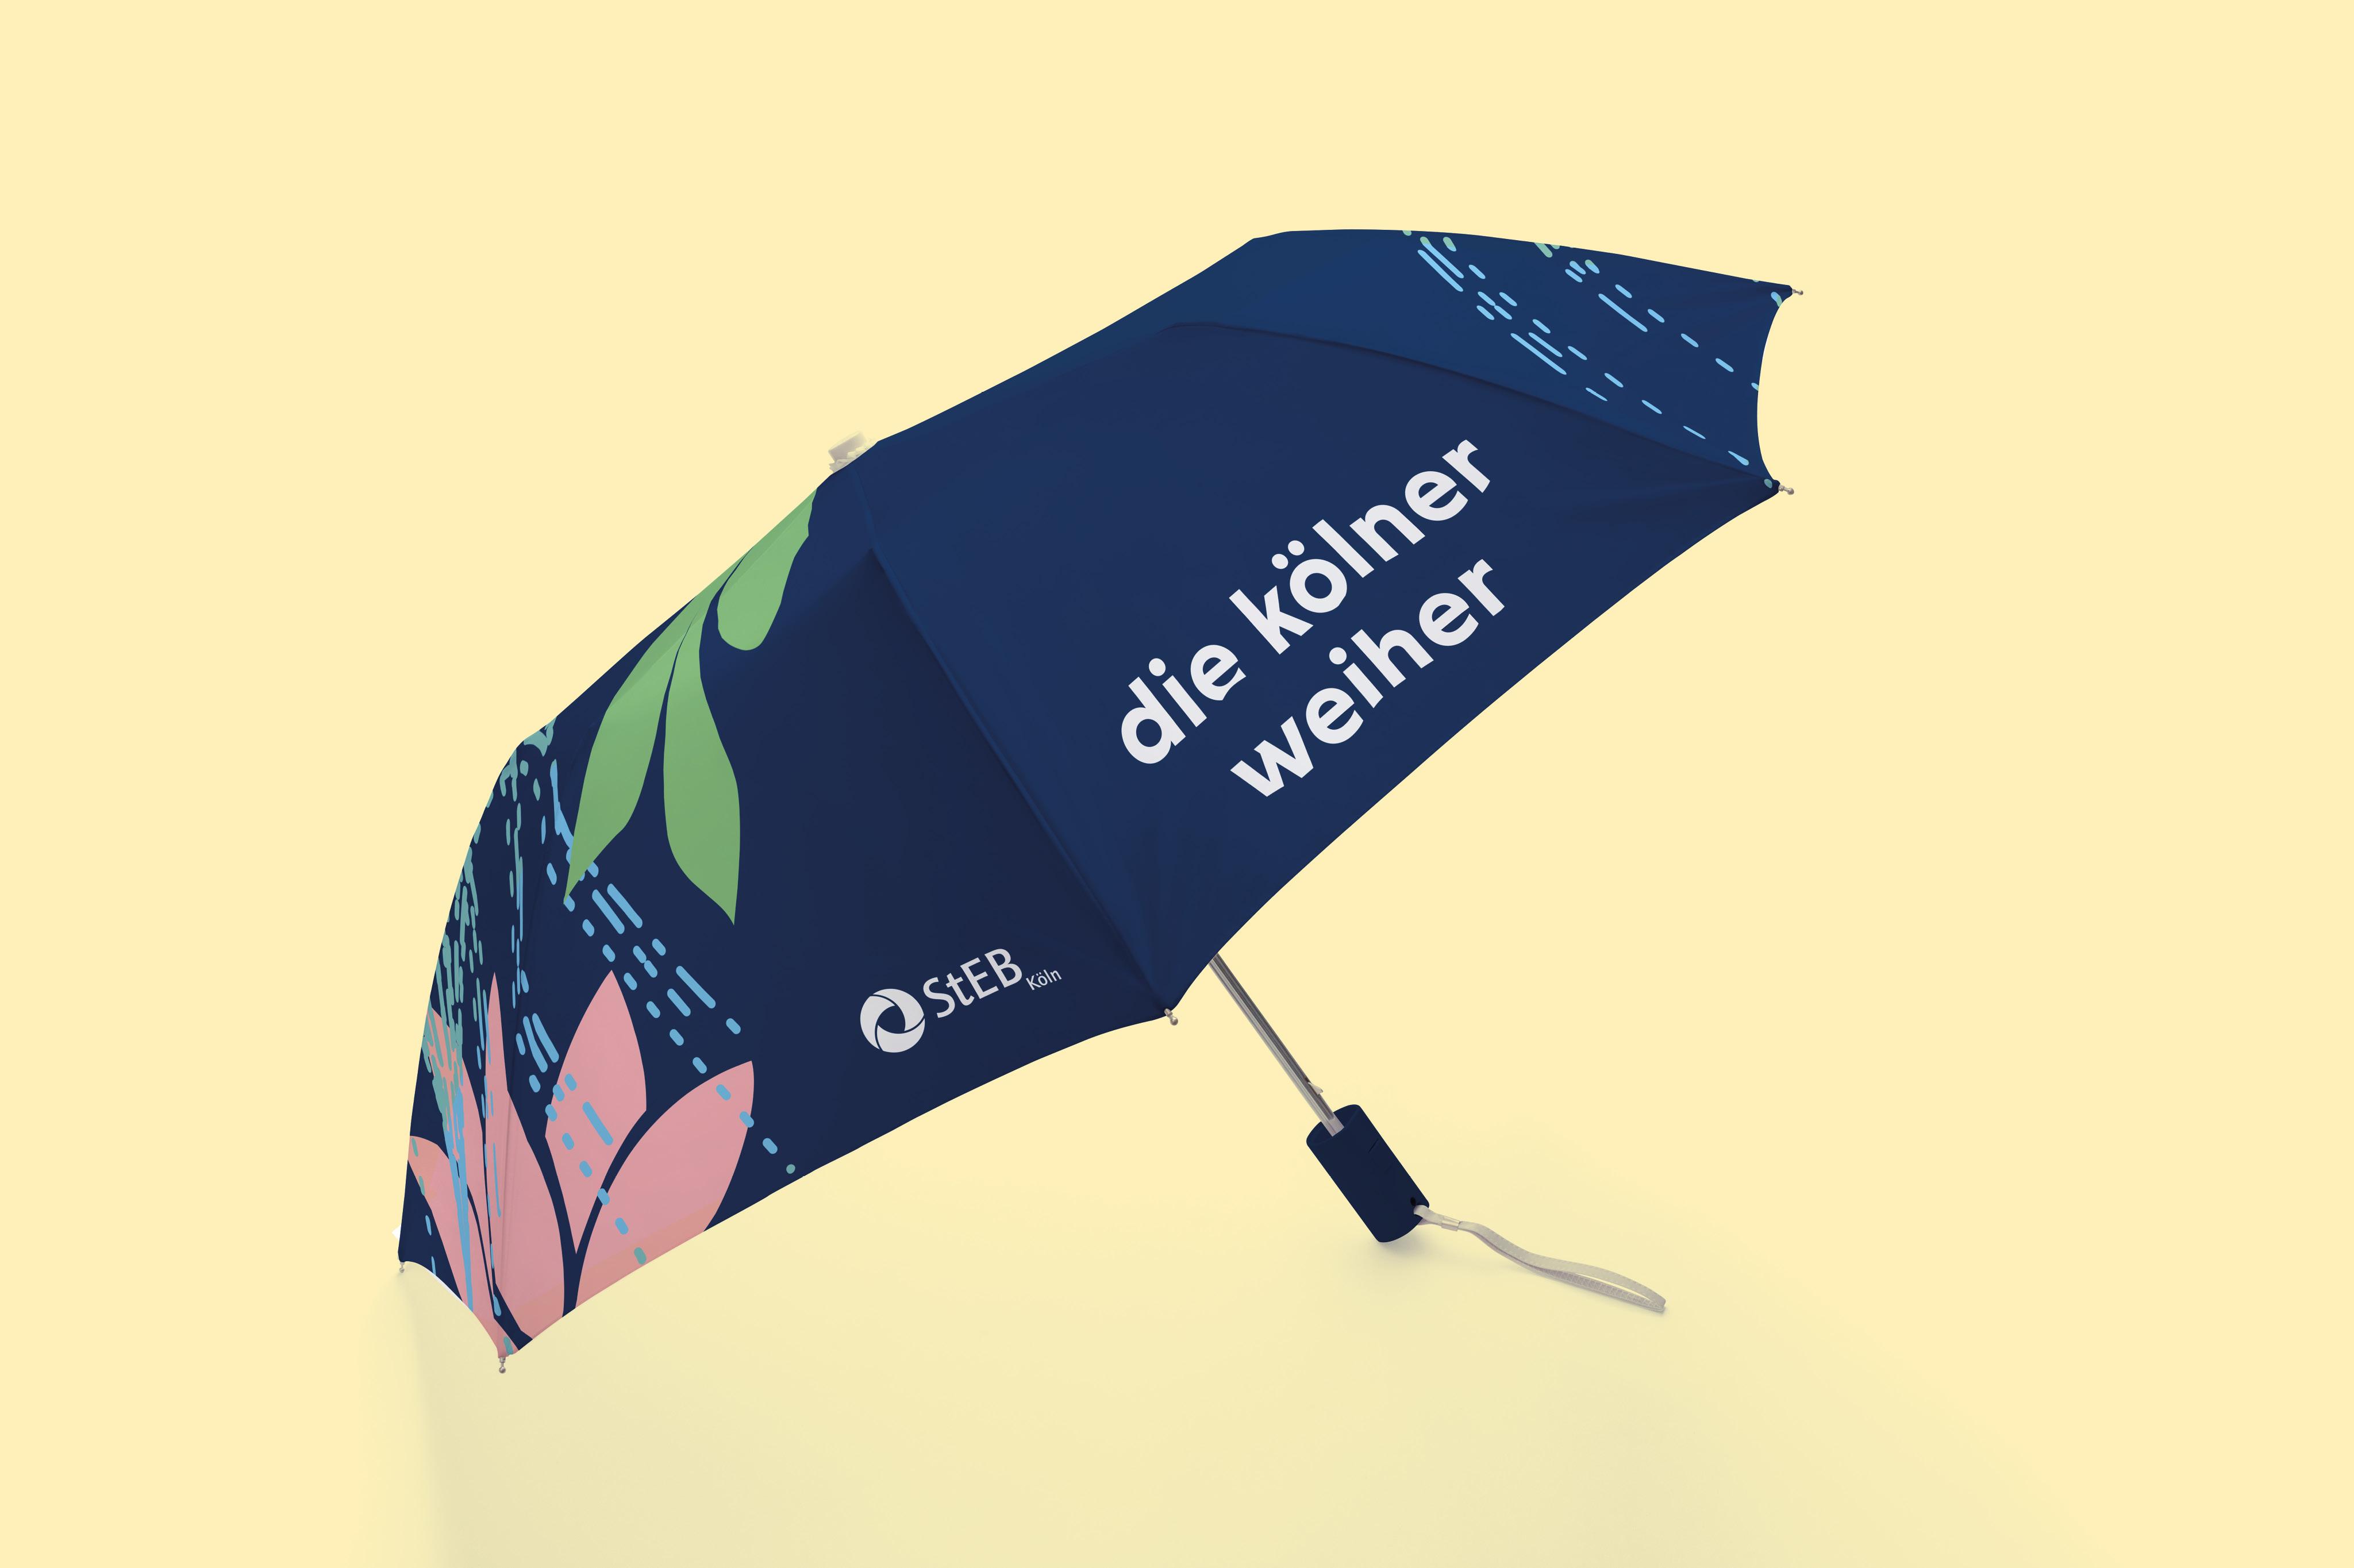 Ein Regenschirm mit dem Logo und Illustrationen der neuen Marke